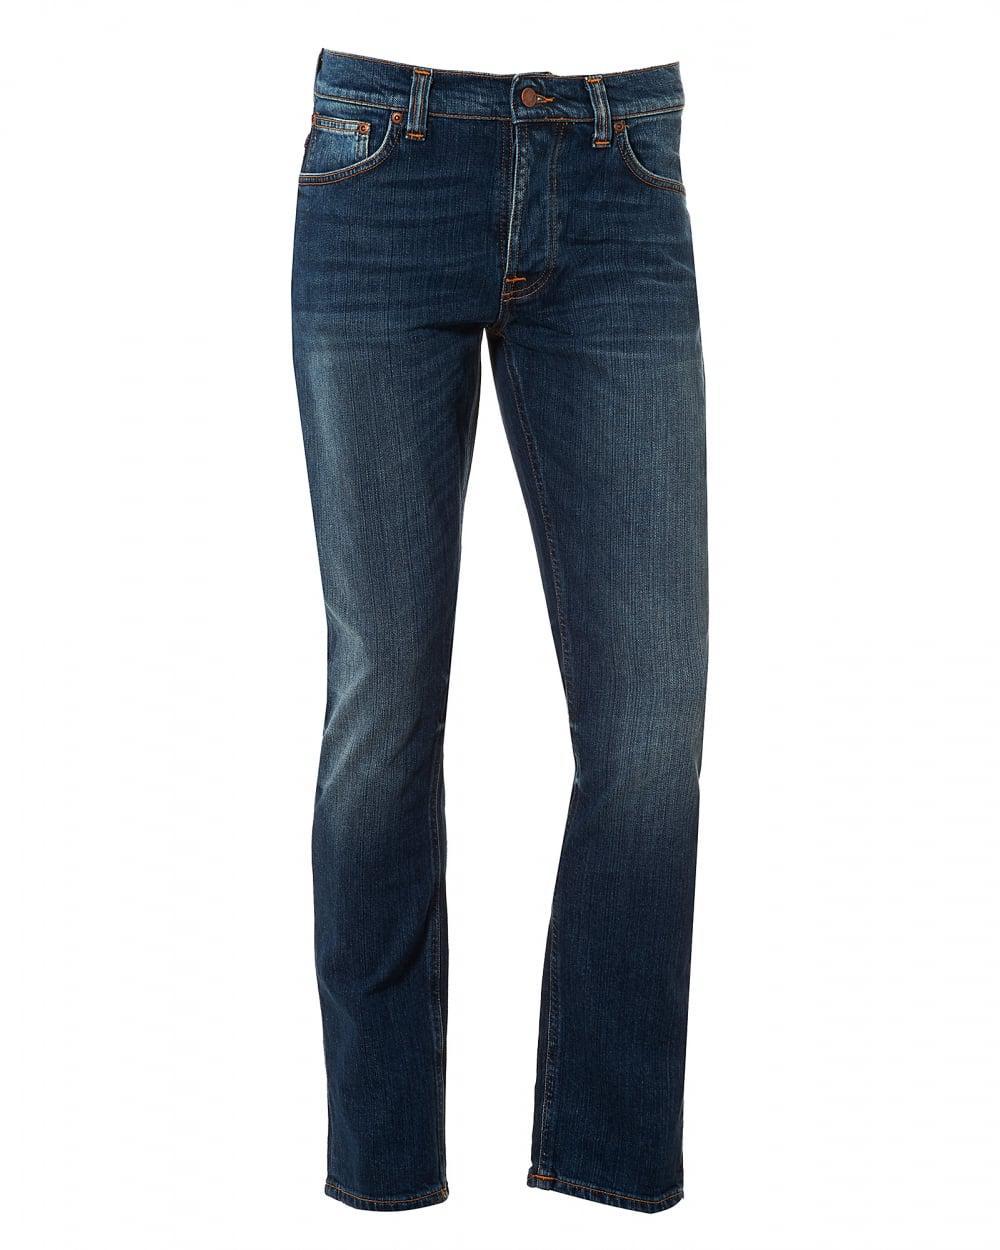 lyst nudie jeans grim tim jeans sublime worn wash denim. Black Bedroom Furniture Sets. Home Design Ideas